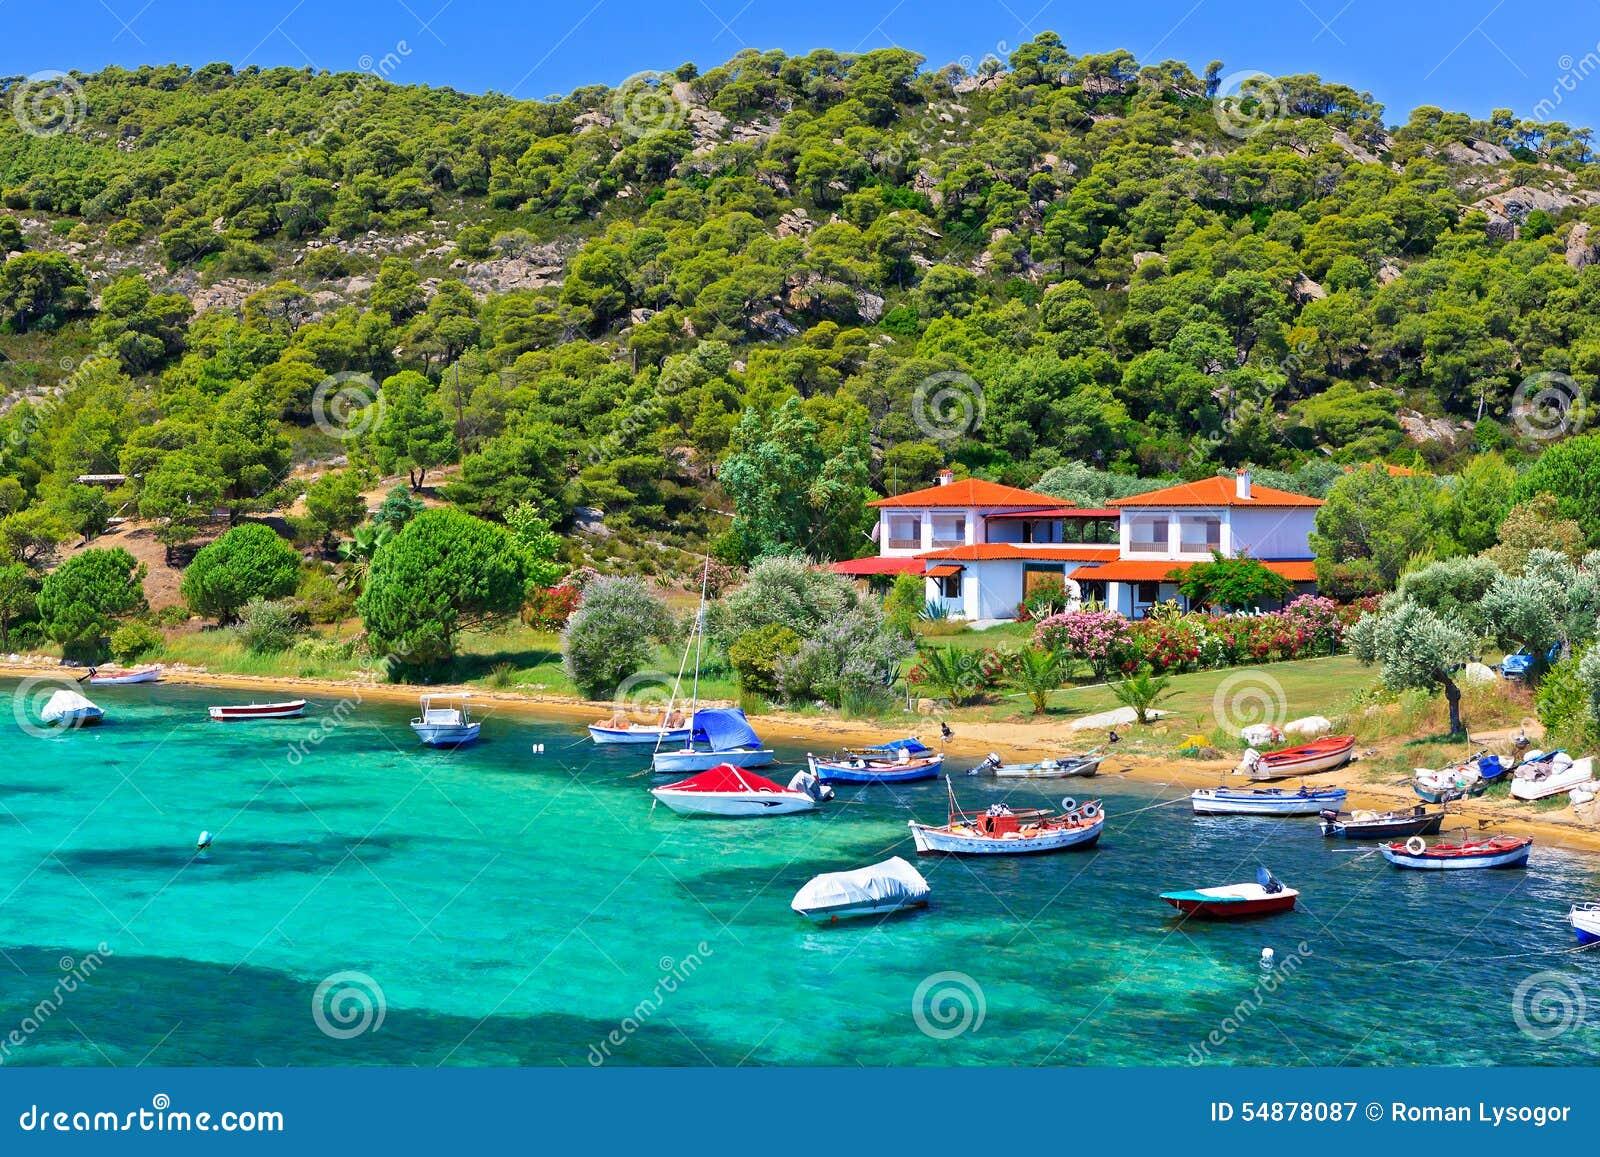 小船和游艇在别墅附近停泊了在一个偏僻的地点